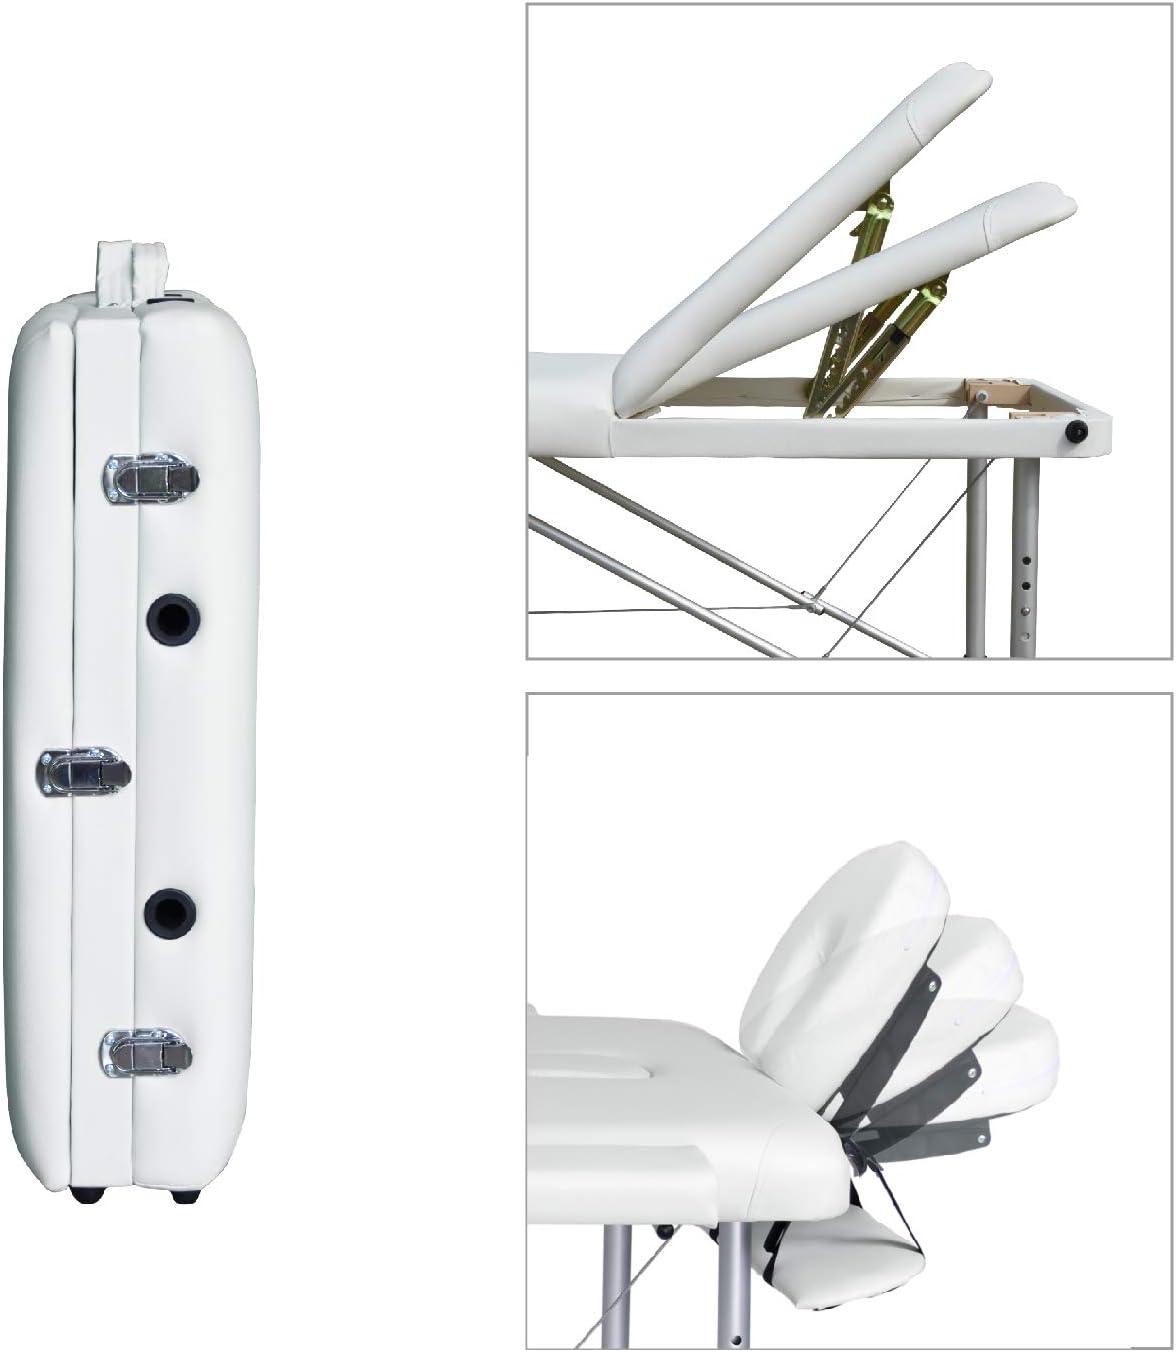 Wellhome 2 Zones Aluminium Table de Massage Pliante L/éger Professionnelle Lit Massage Portable Pliable Hauteur R/églable Salon Spa avec Appui-t/ête Housse de Transport Blanc Accoudoir